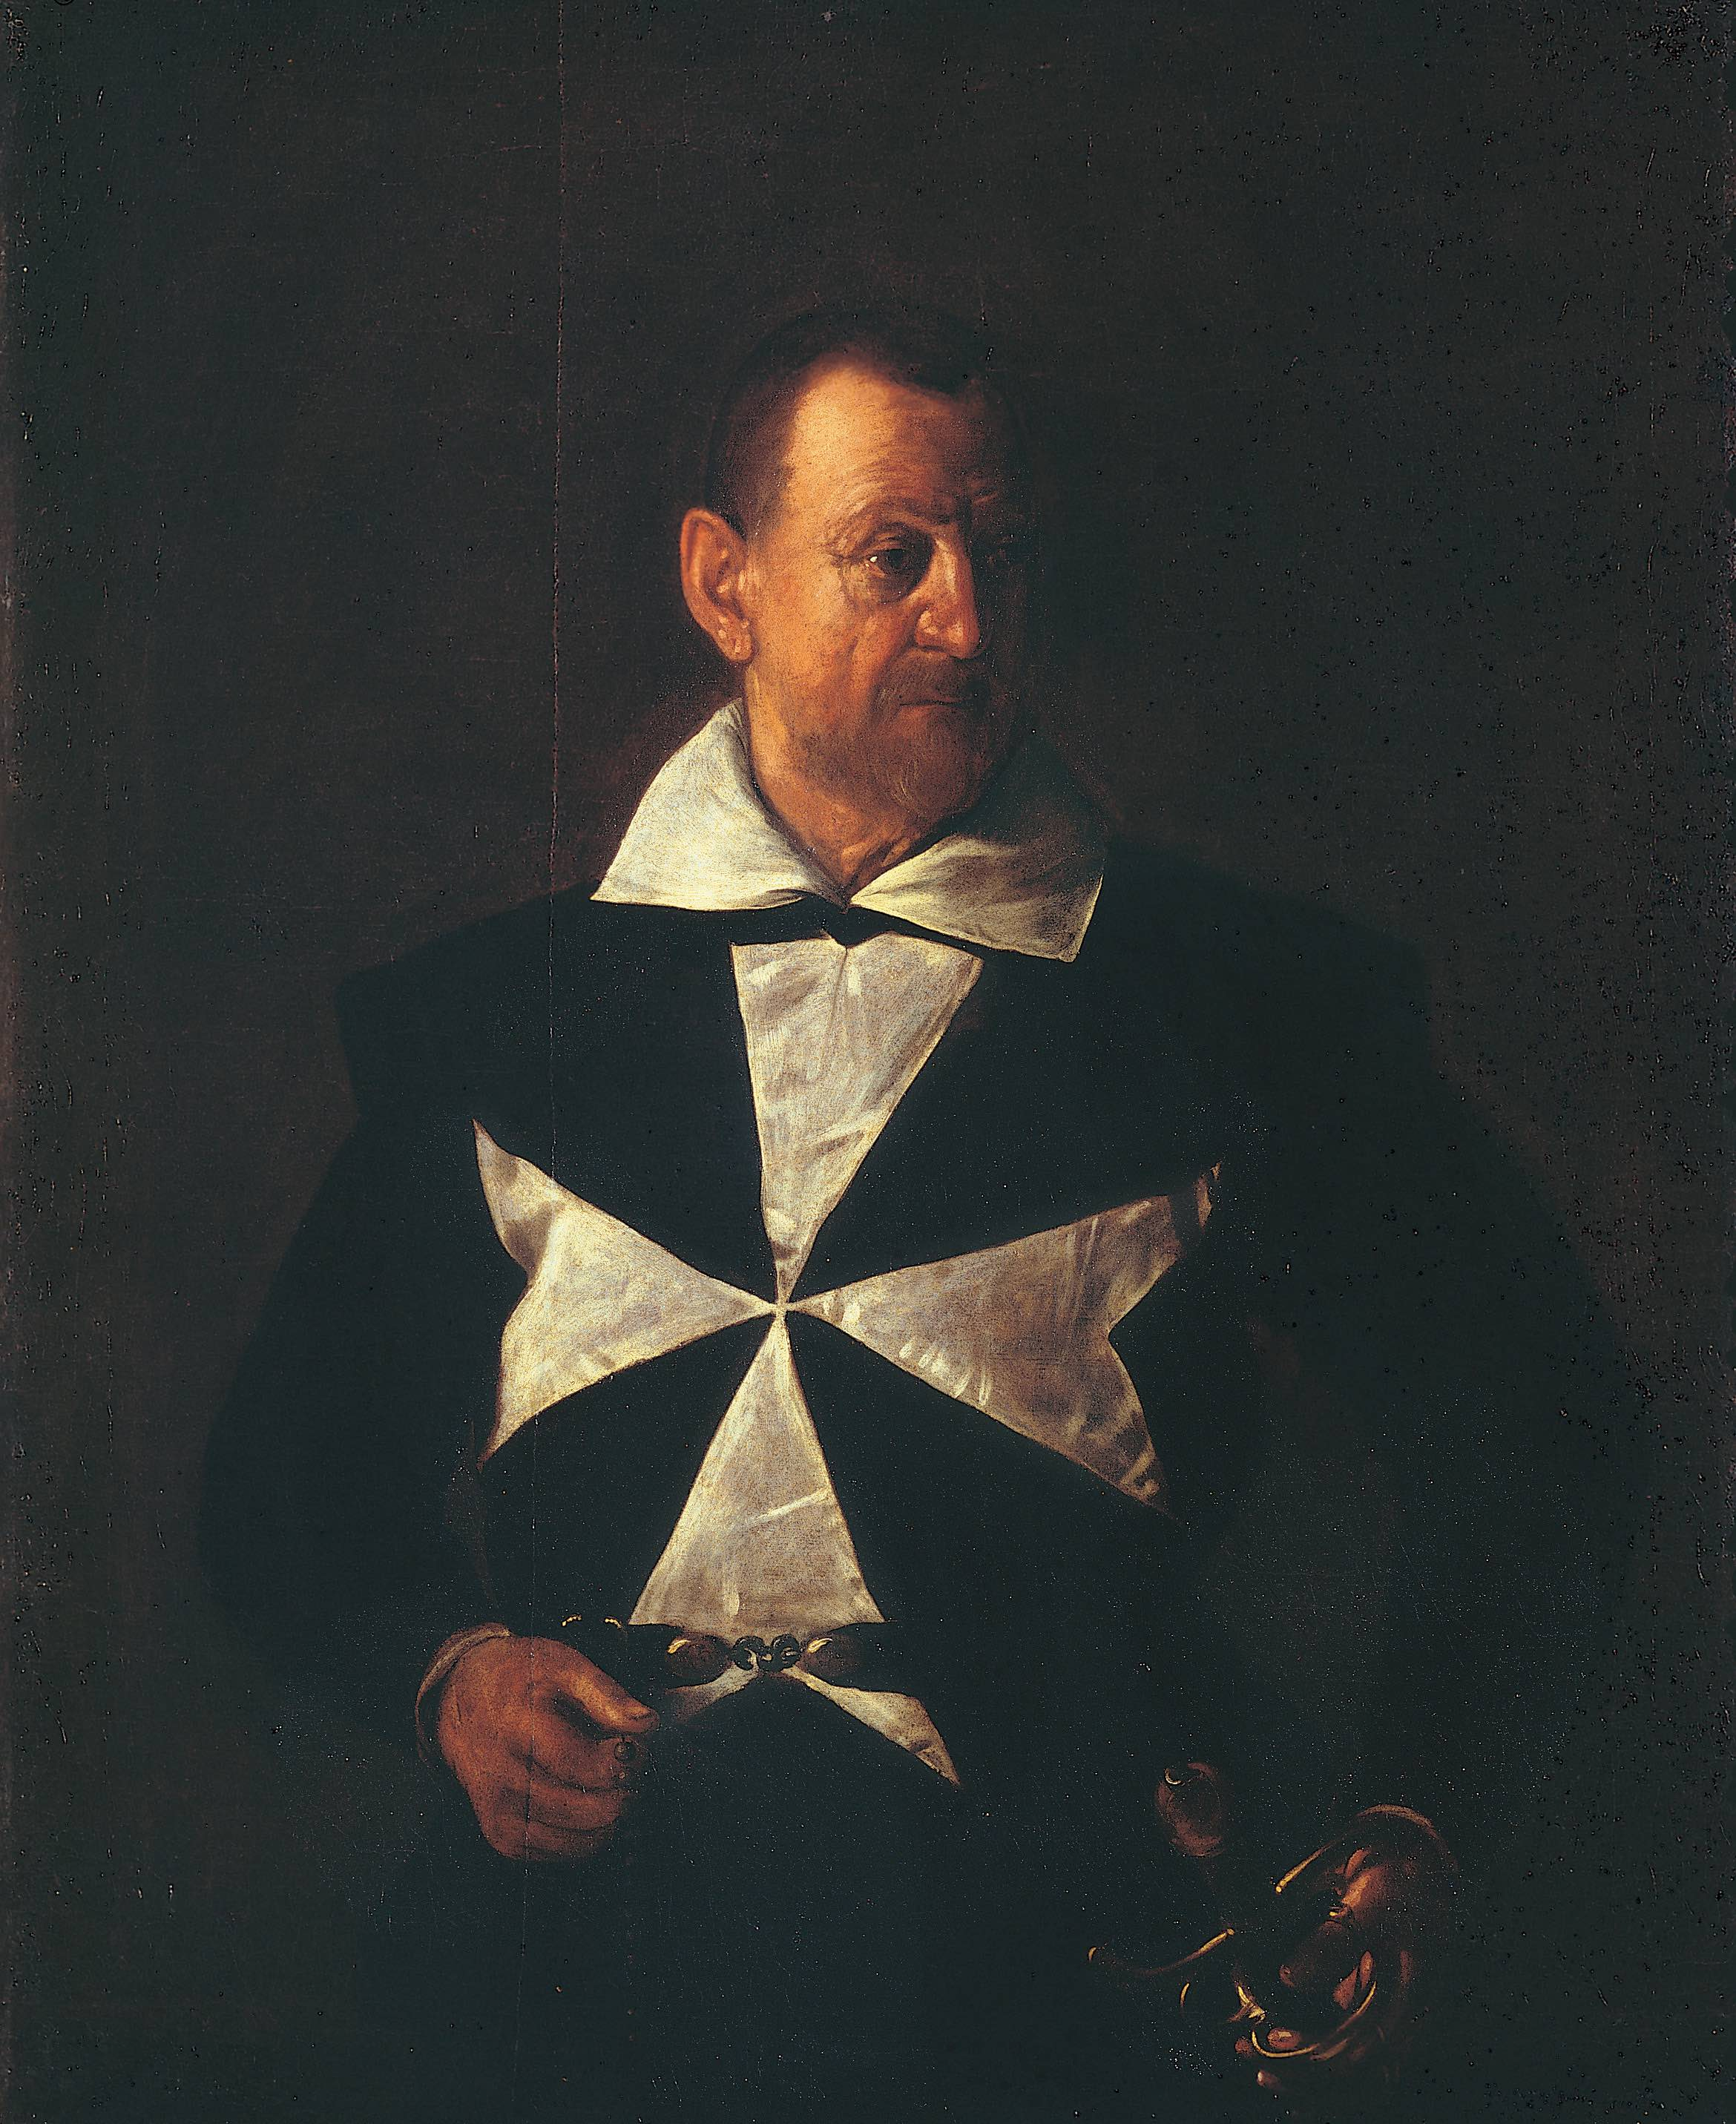 Michelangelo Merisi da Caravaggio Ritratto di un cavaliere di Malta, 1608 Olio su tela, 118,5 x 95 cm Galleria Palatina di Palazzo Pitti, Firenze ©Gabinetto Fotografico delle Gallerie degli Uffizi